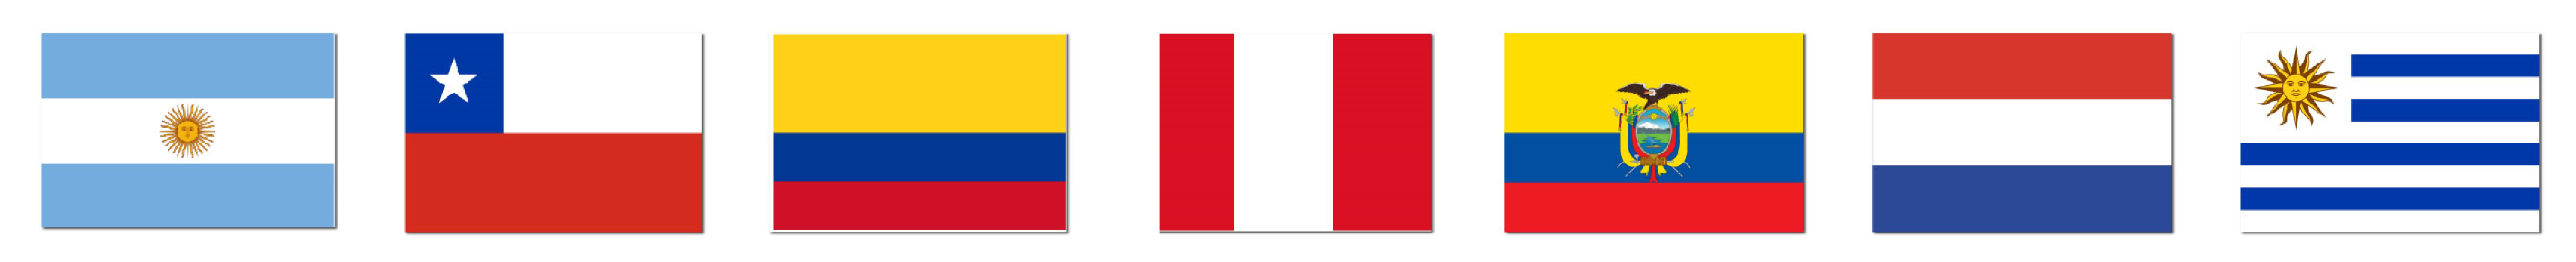 PresenciaRegional-Banderas